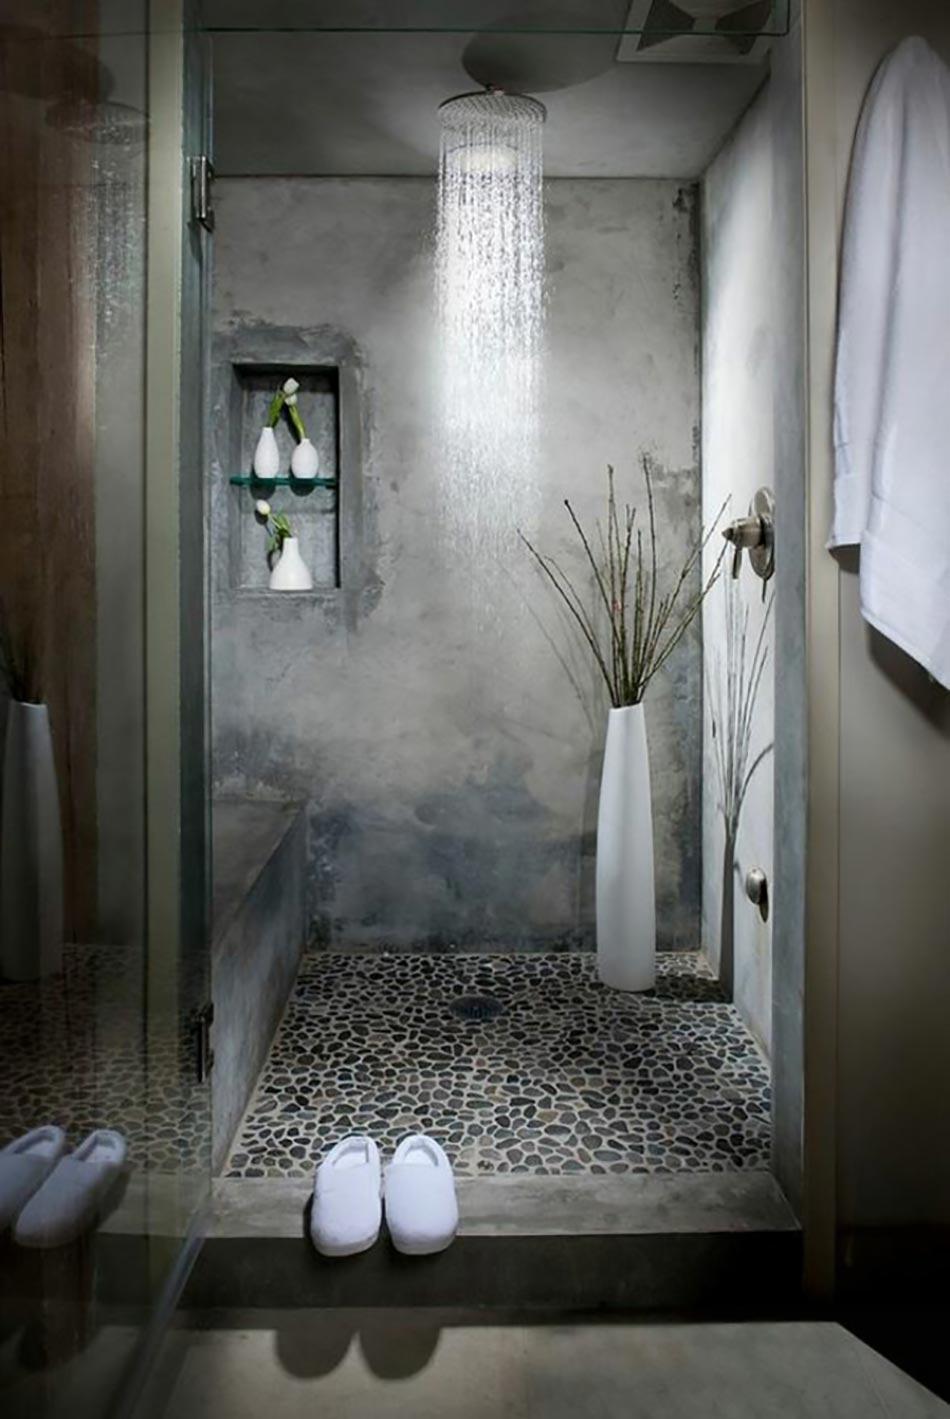 Des Teintes Sombres Pour Une Salle De Bain Moderne | Design ... pour Salle De Bain Moderne Grise